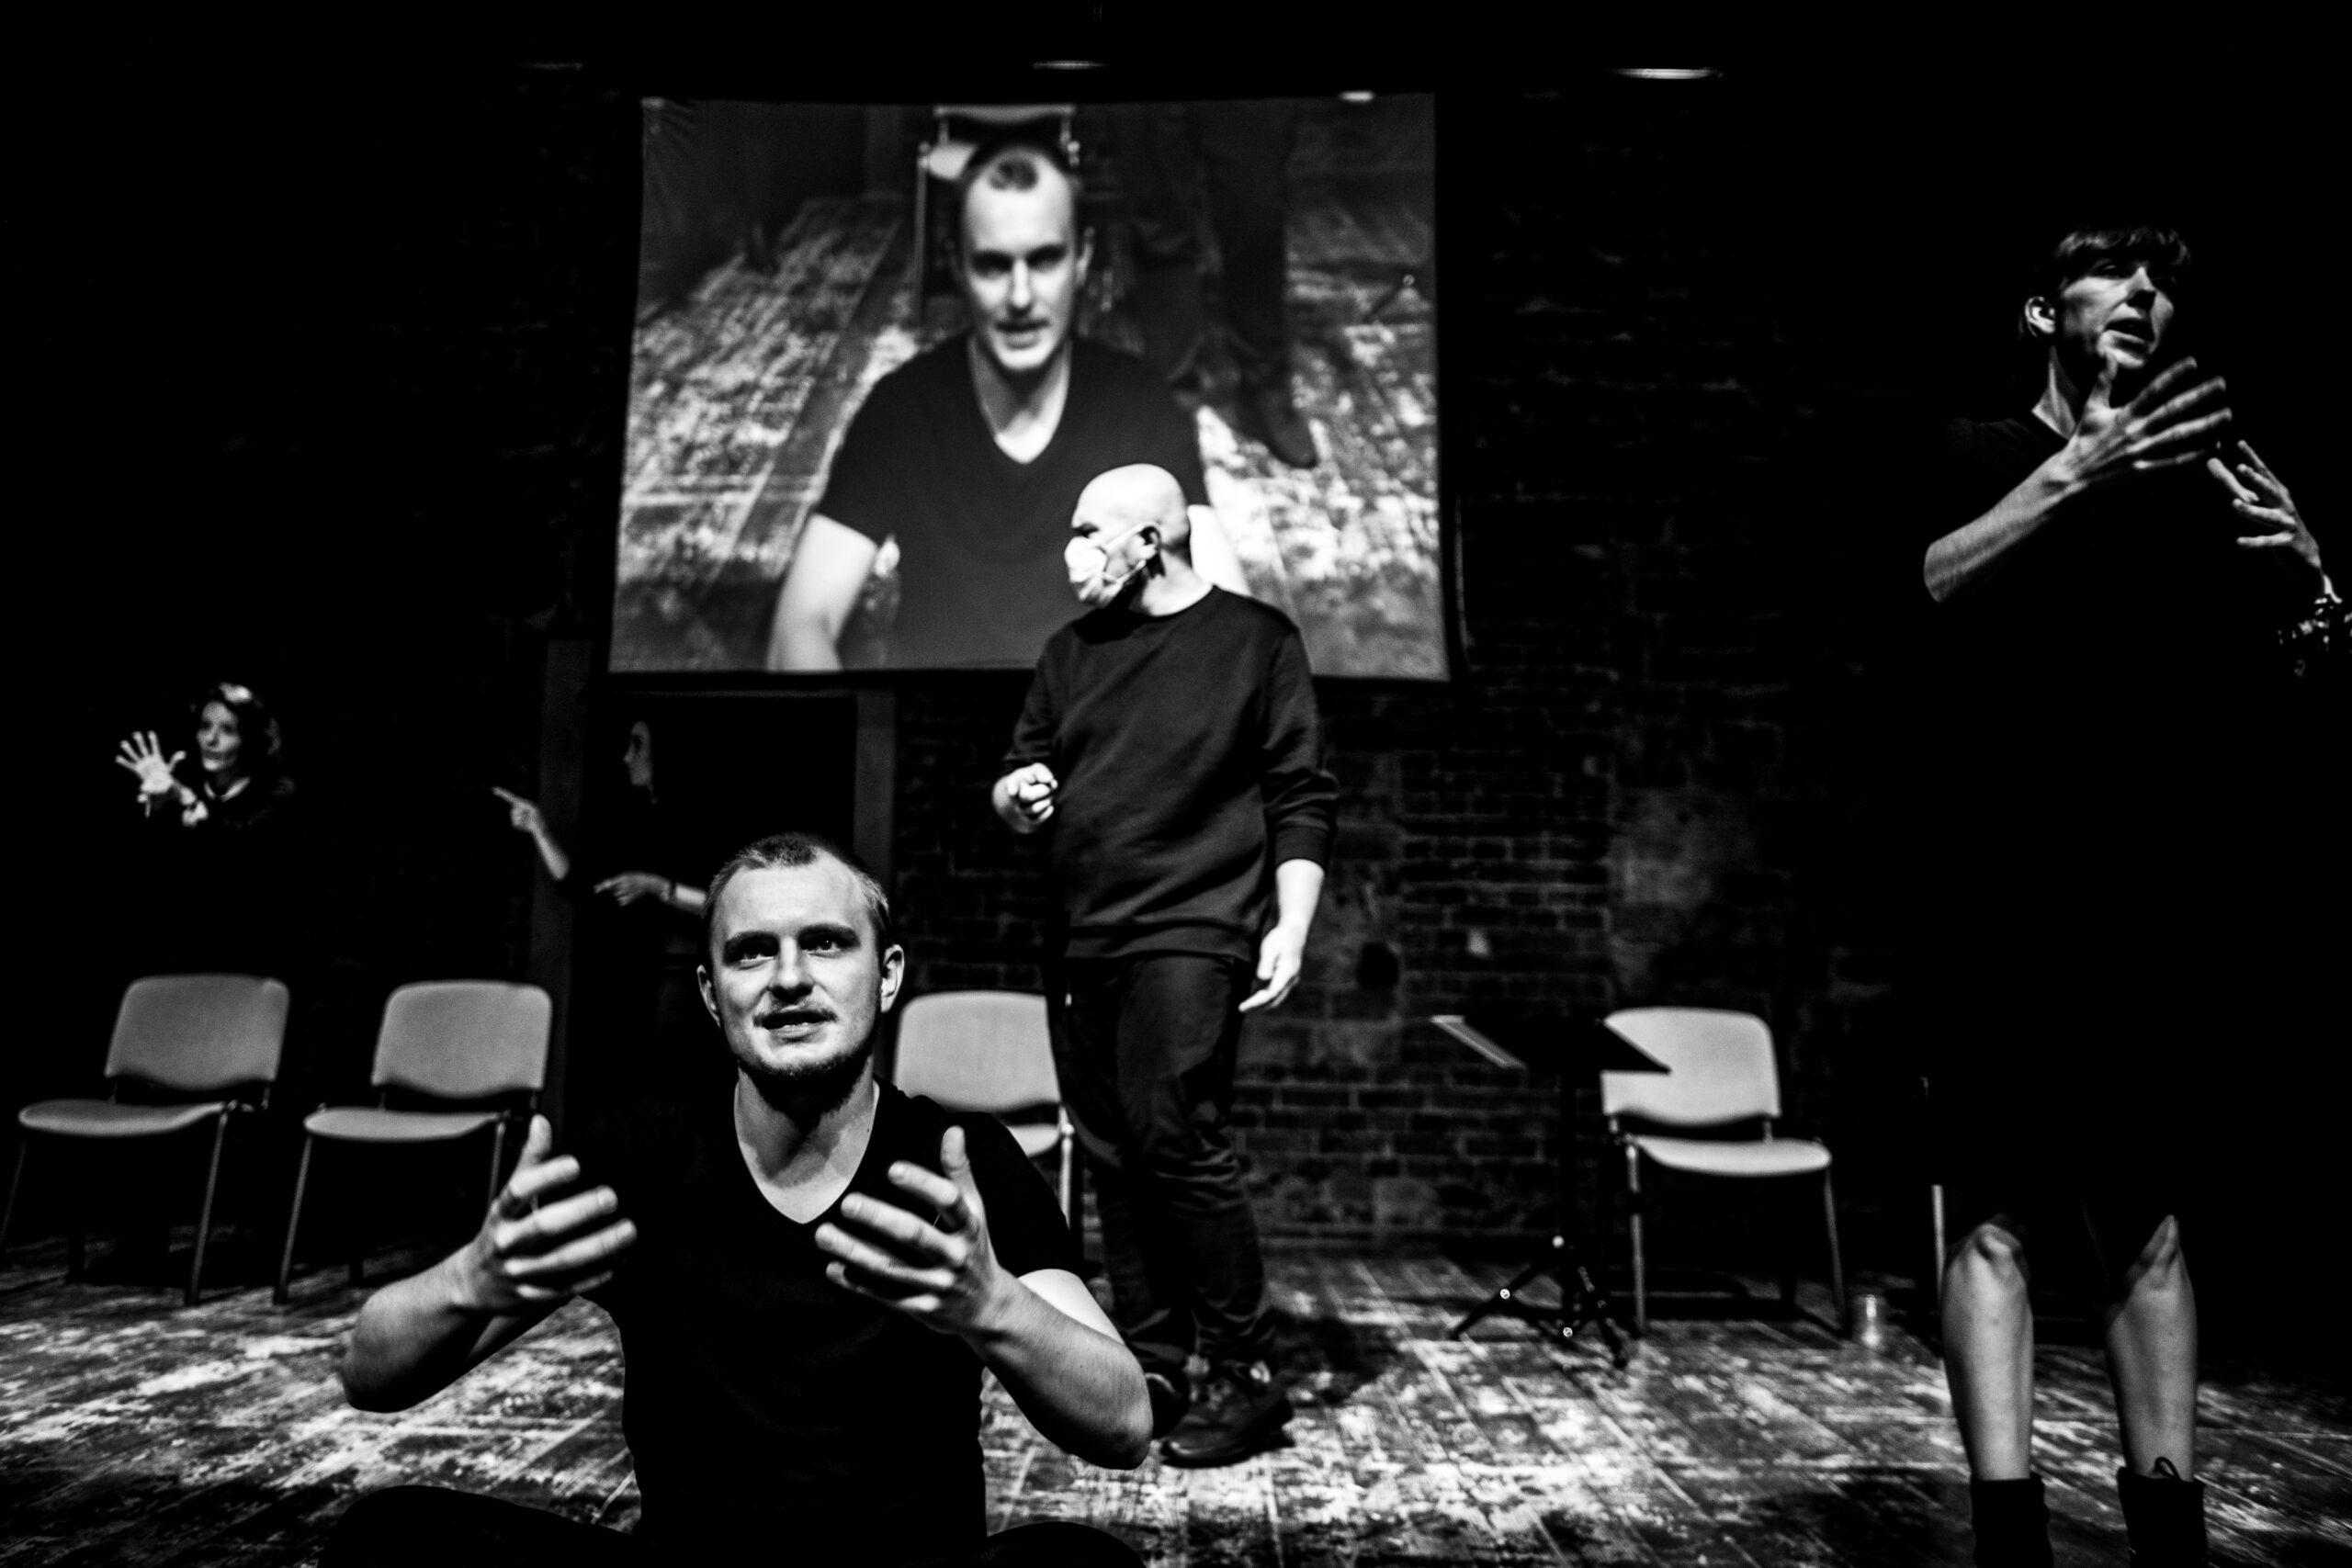 Czarnobiała fotografia przedstawia 4 osoby. Jedna osoba siedzi gestykulując, za nią znajduje się mężczyzna w maseczce. Po prawej i po lewej kobiety tłumaczą w języku migowym